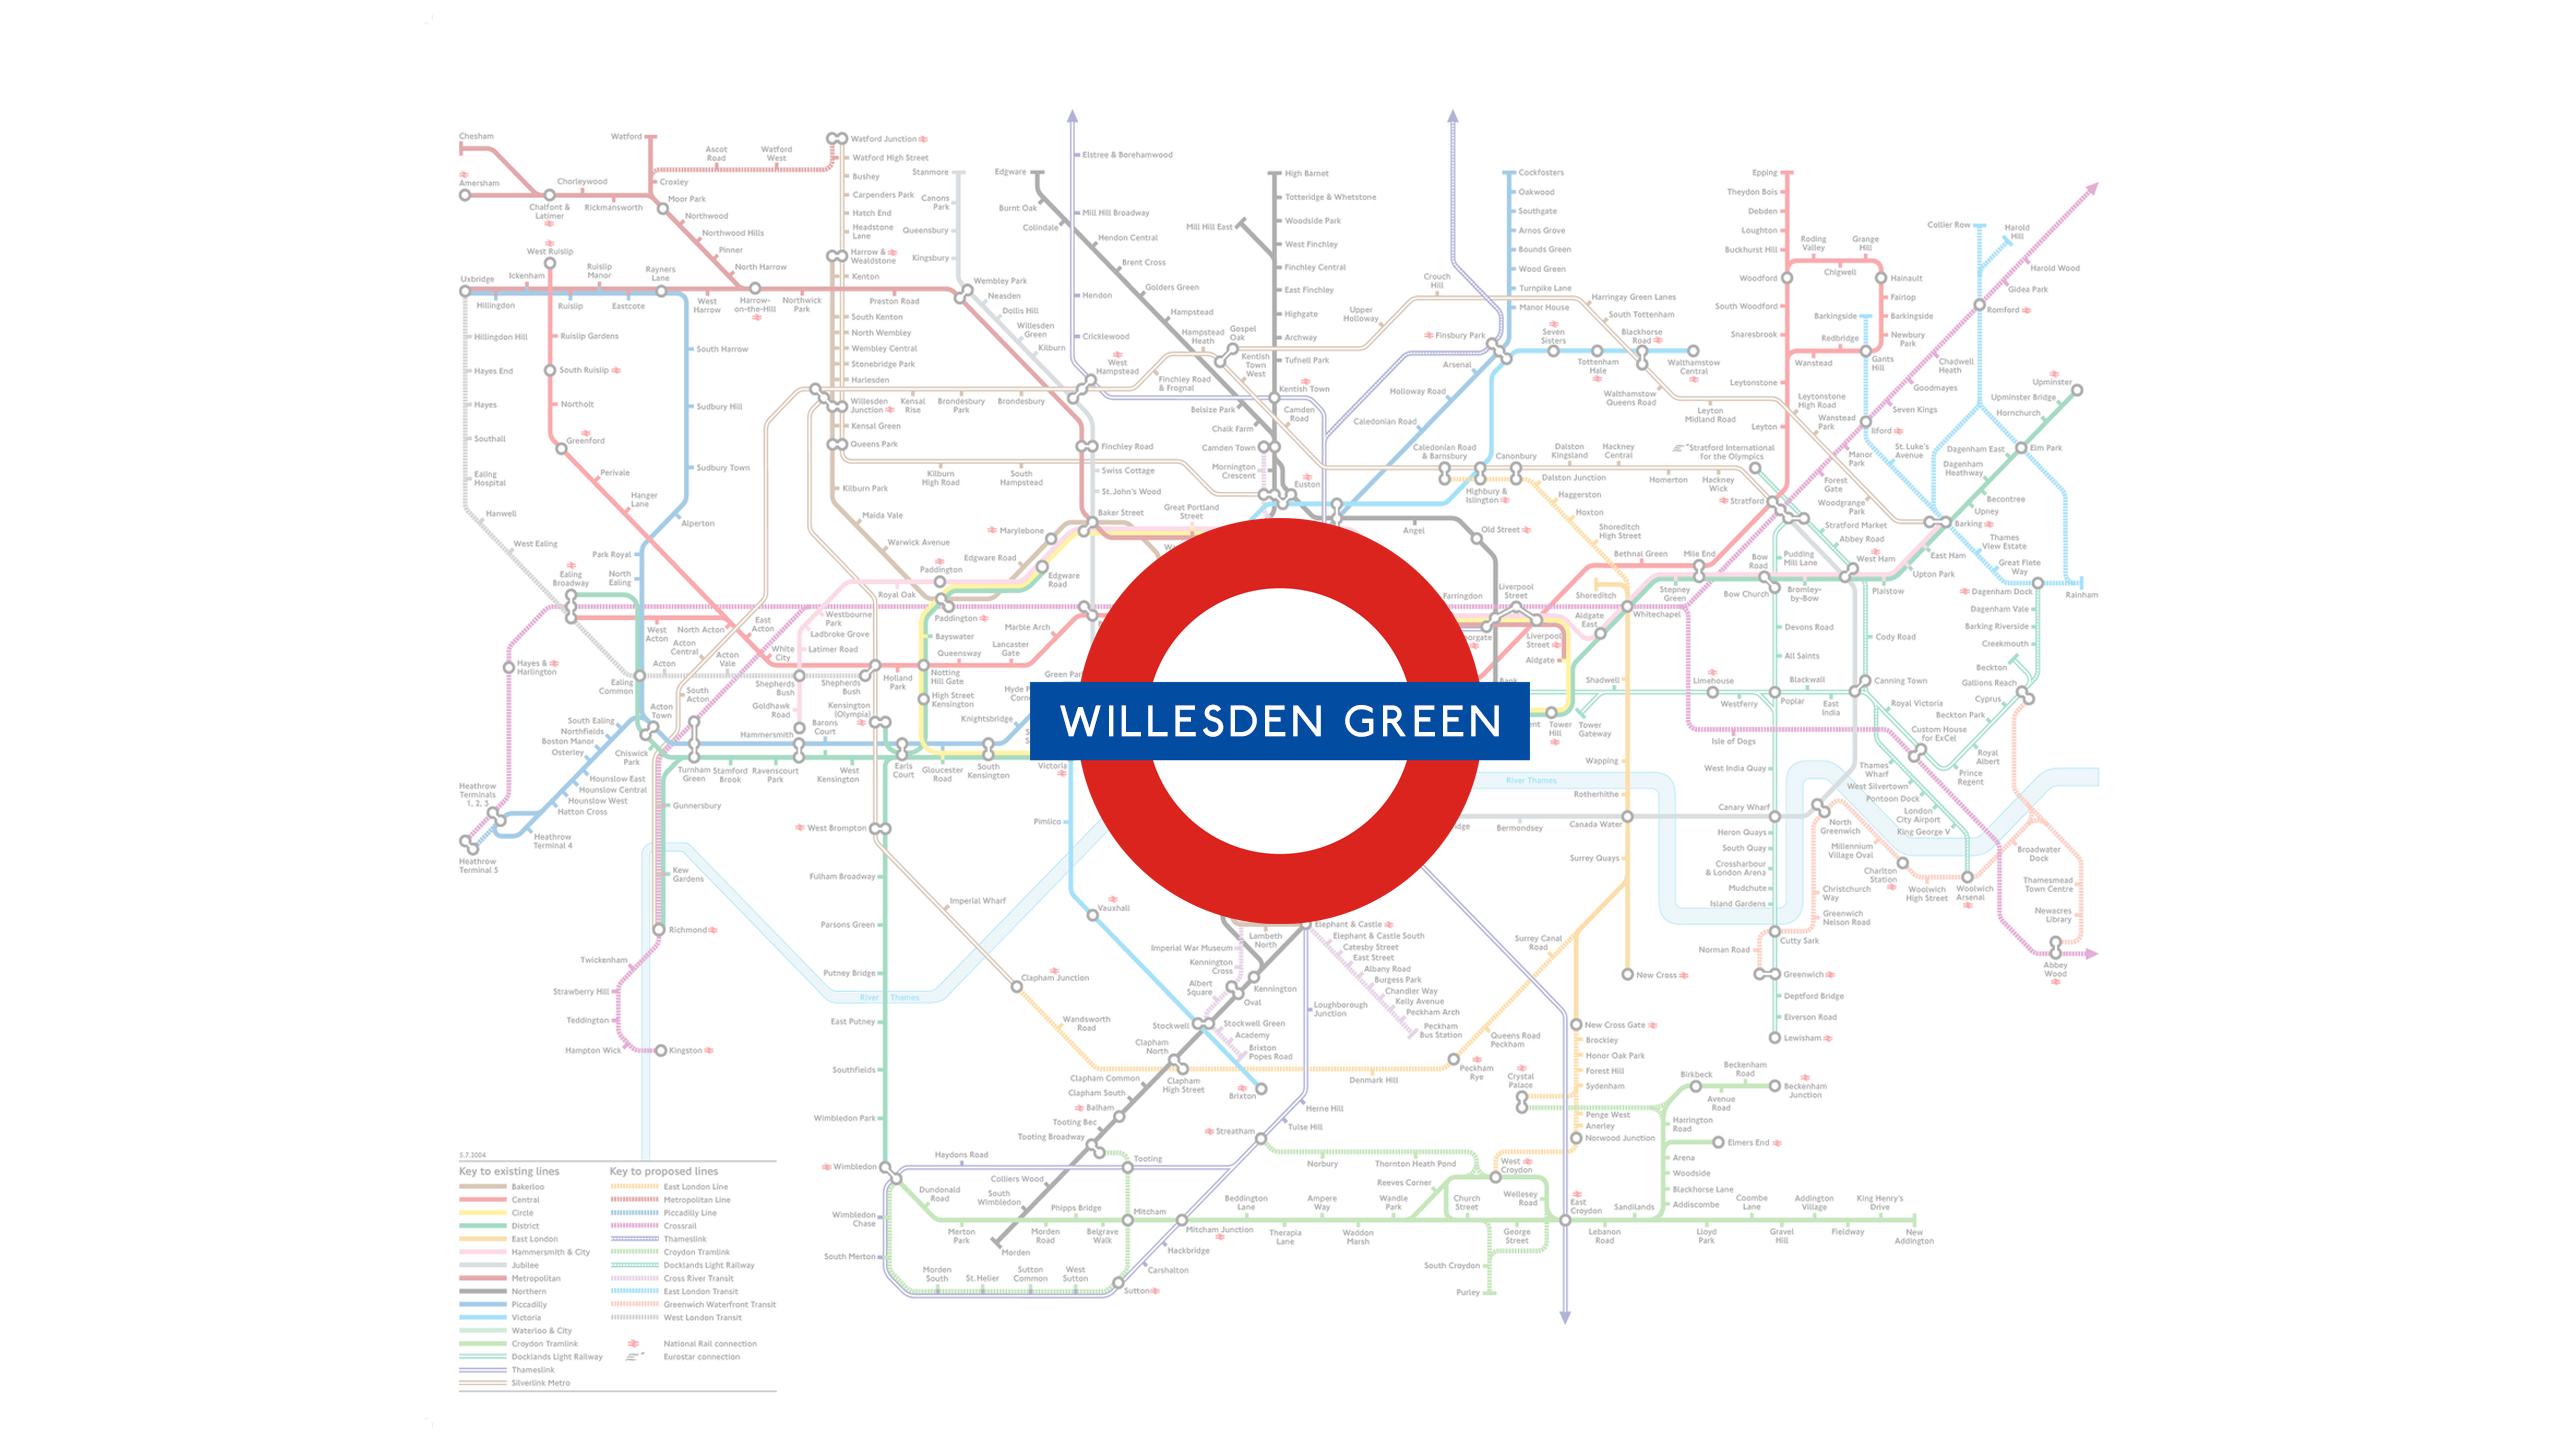 Willesden Green (Map)